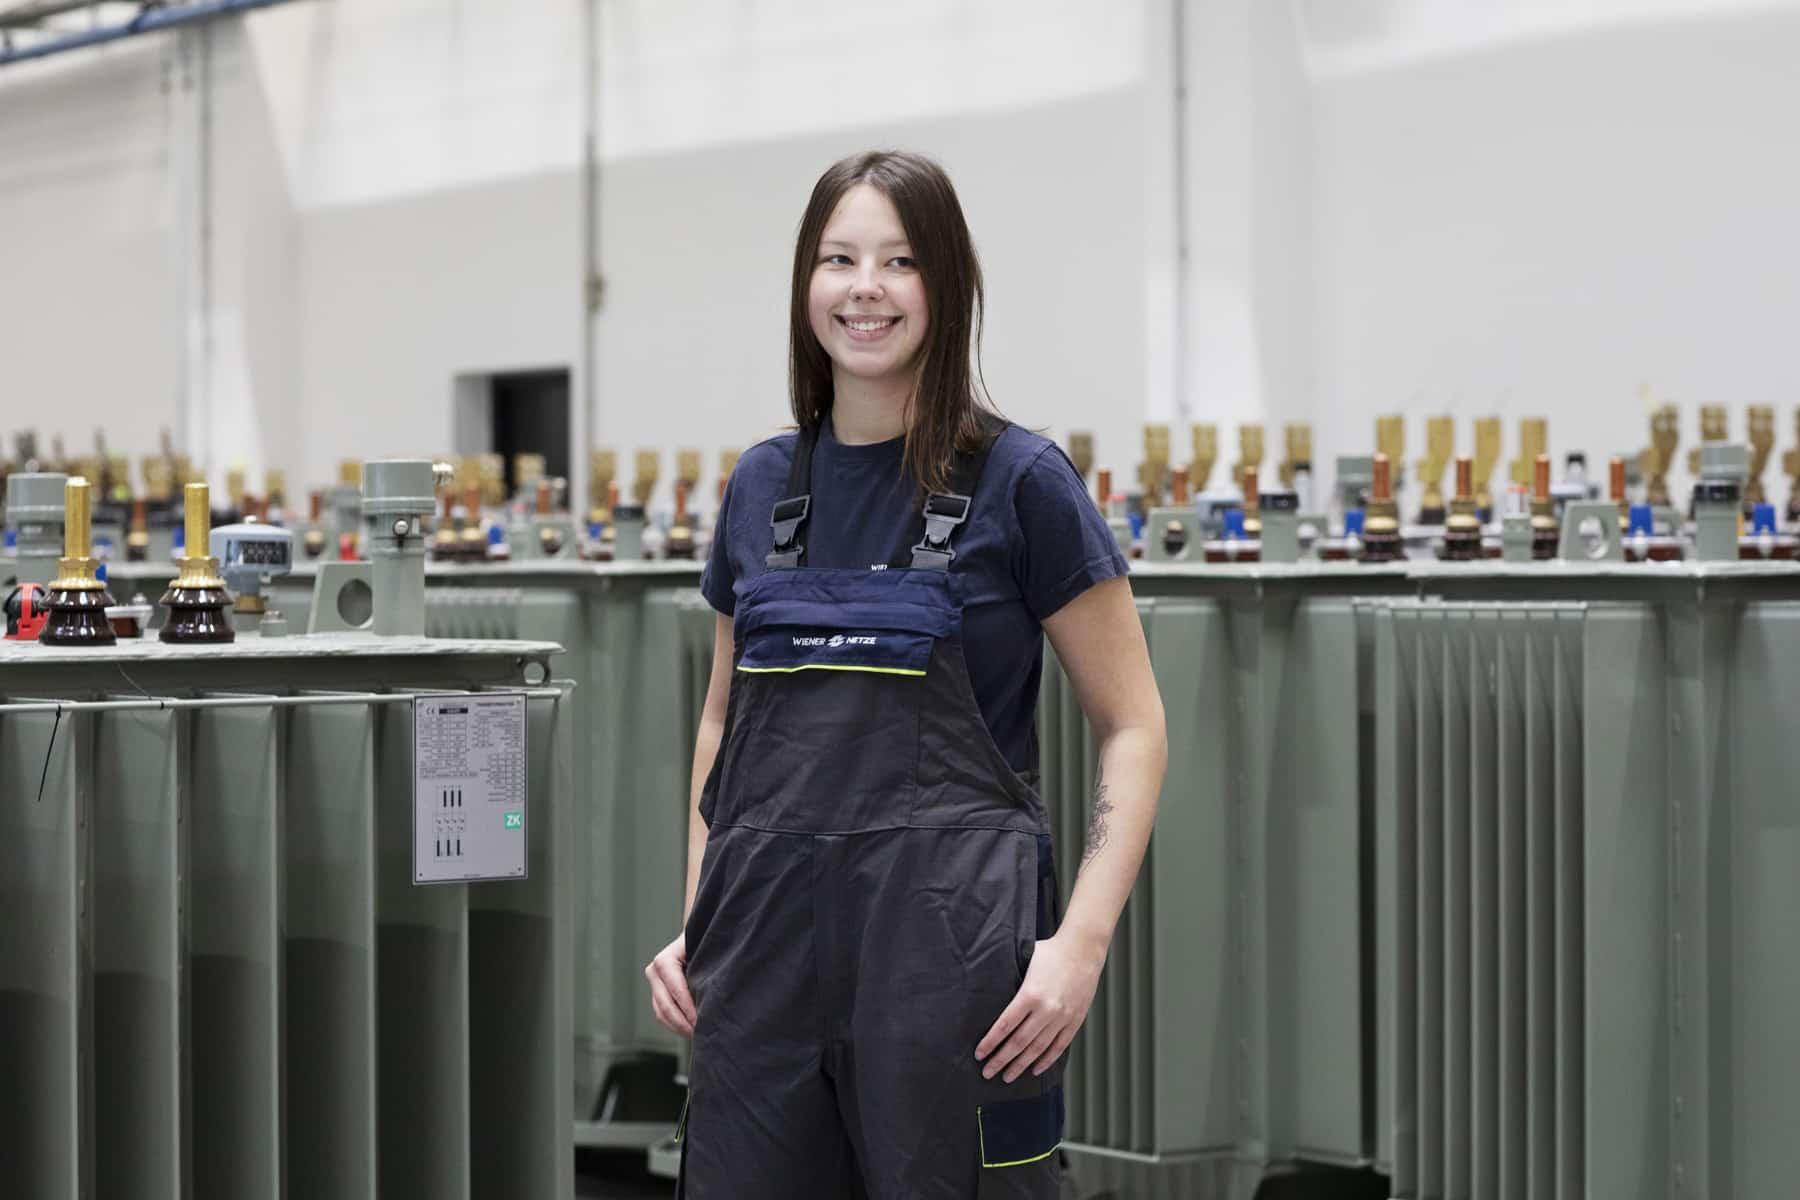 Lehrling Lena Giesel mit Wiener Netze Arbeitskleidung in technischer Umgebung